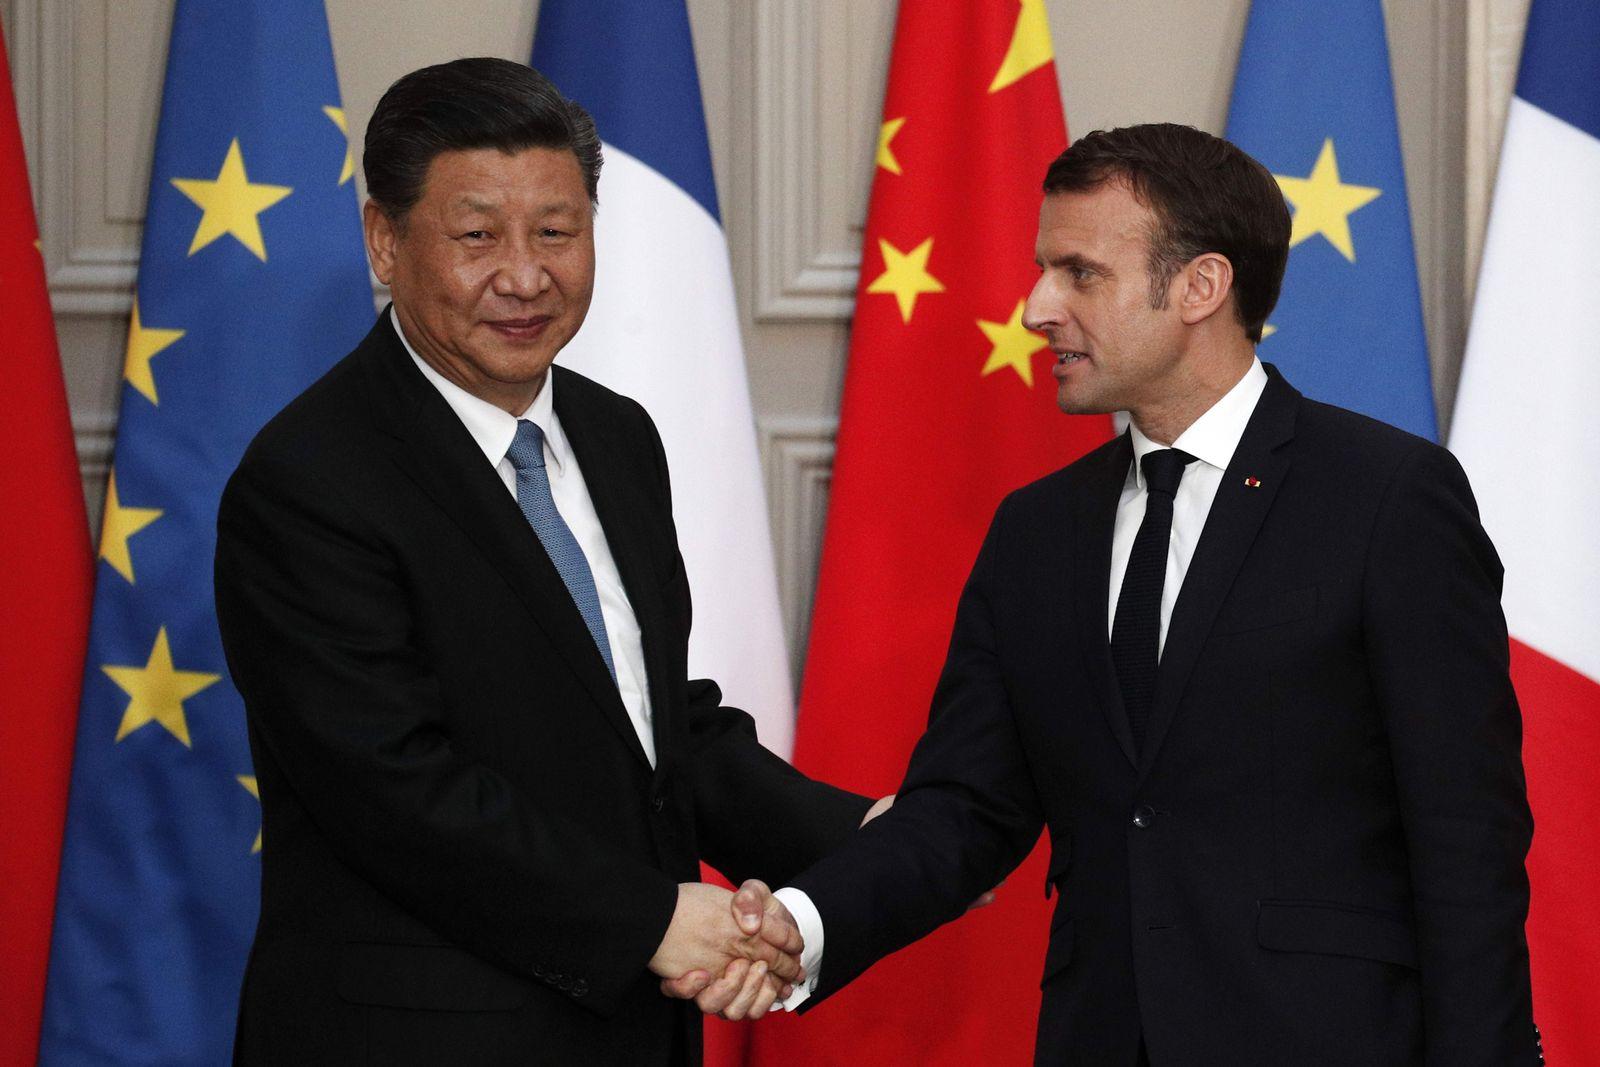 FRANCE-CHINA-DIPLOMACY